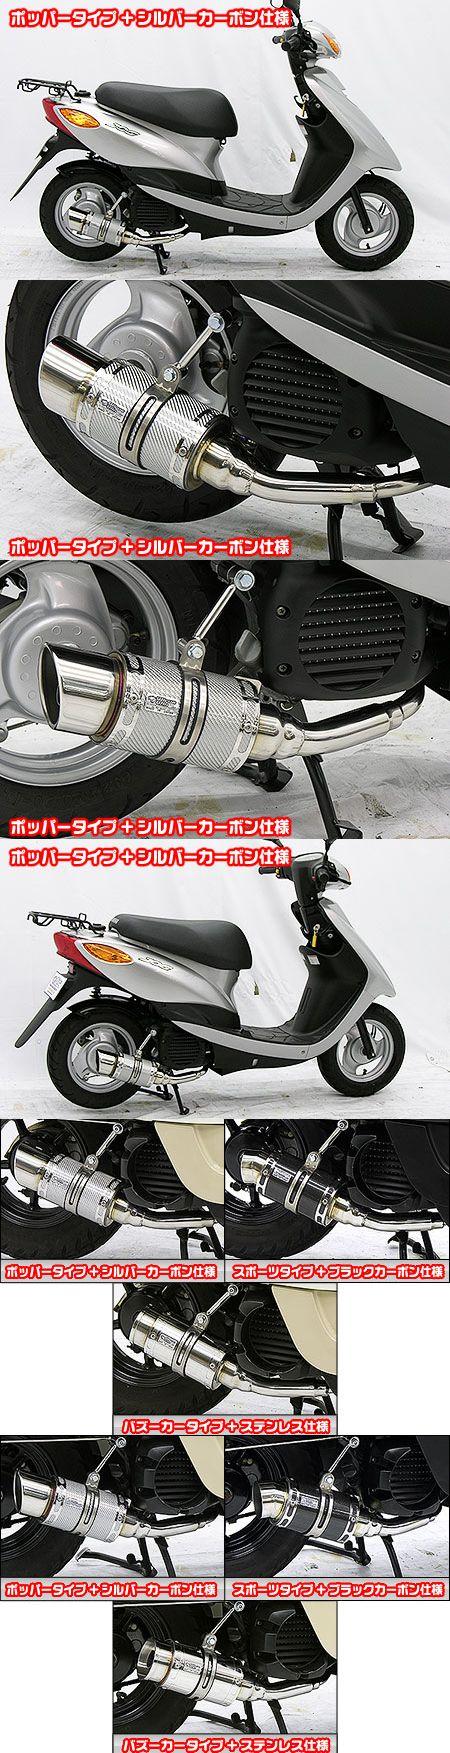 【WirusWin】Tiger auto聯名款 Fat Bomber全段排氣管 火箭筒型 銀色碳纖維款式 - 「Webike-摩托百貨」